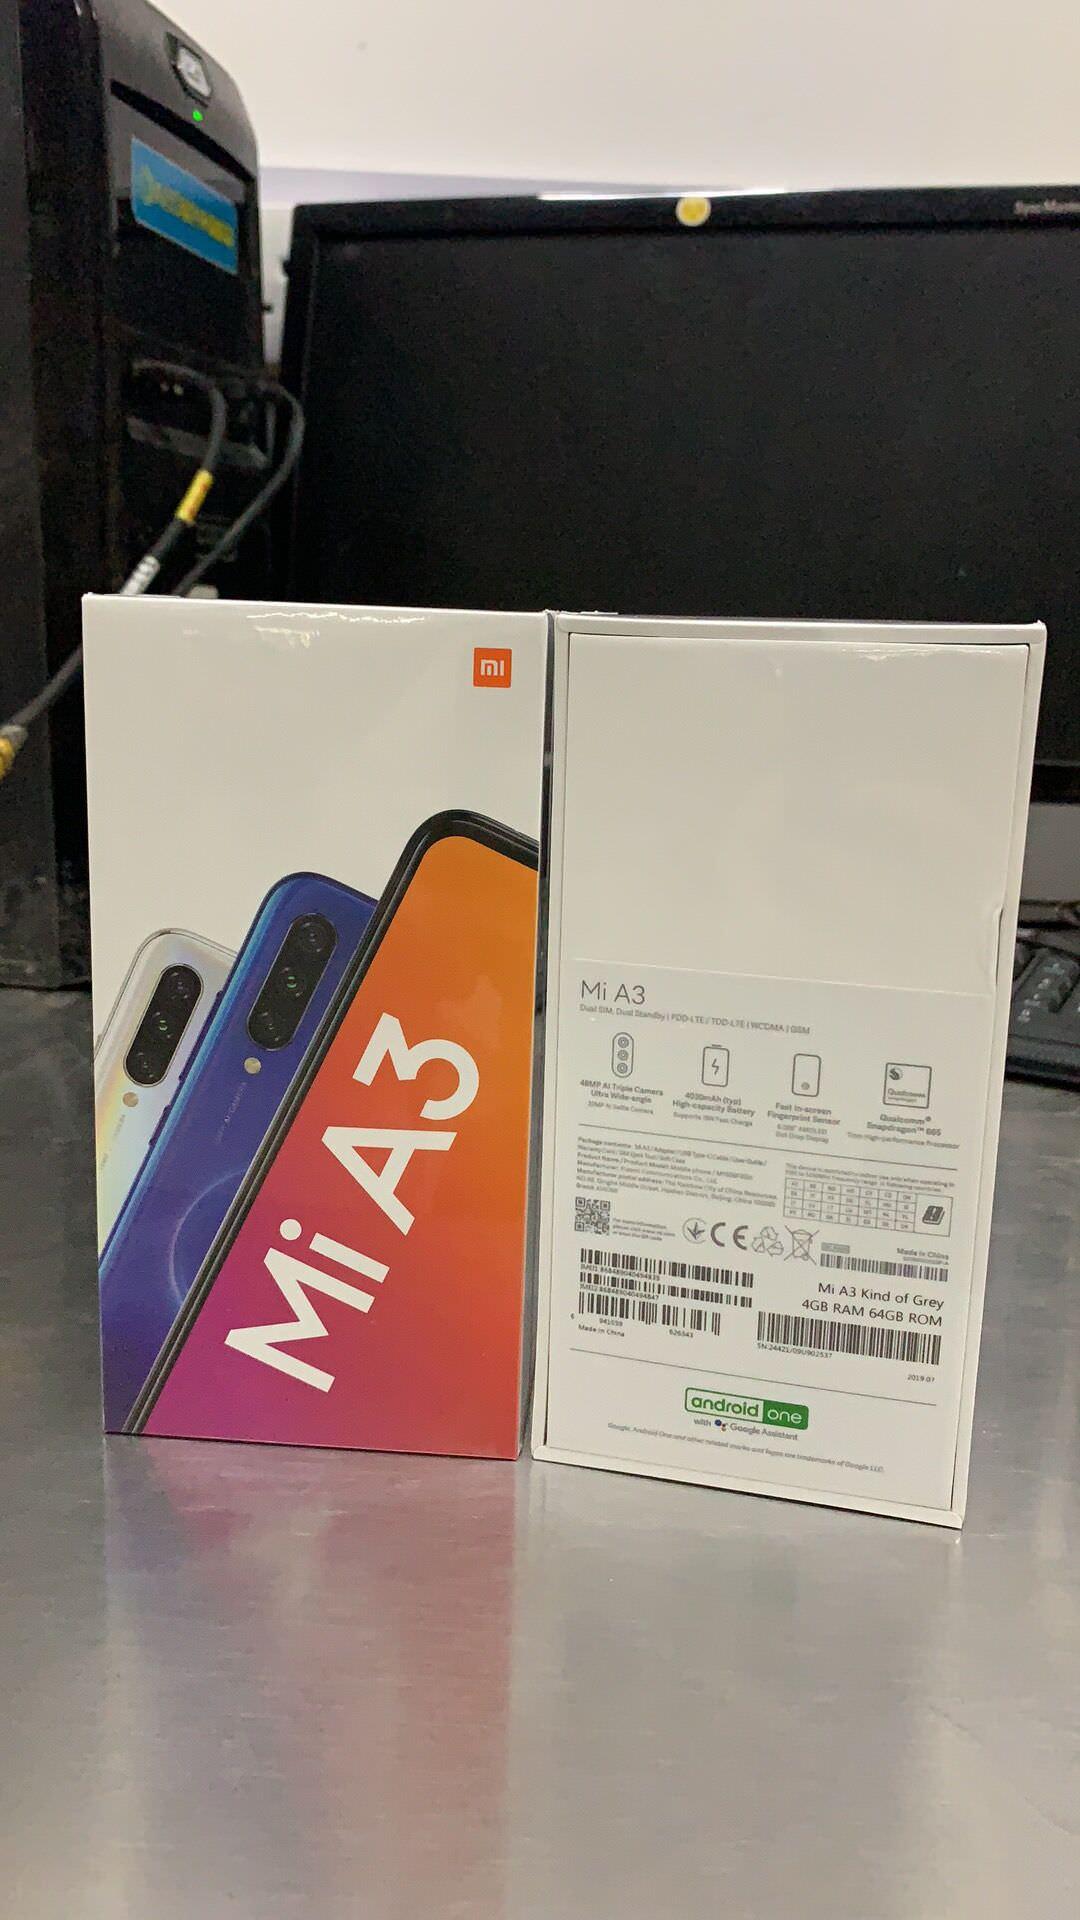 xiaomi mi a3 smartphone 4gb/64gb